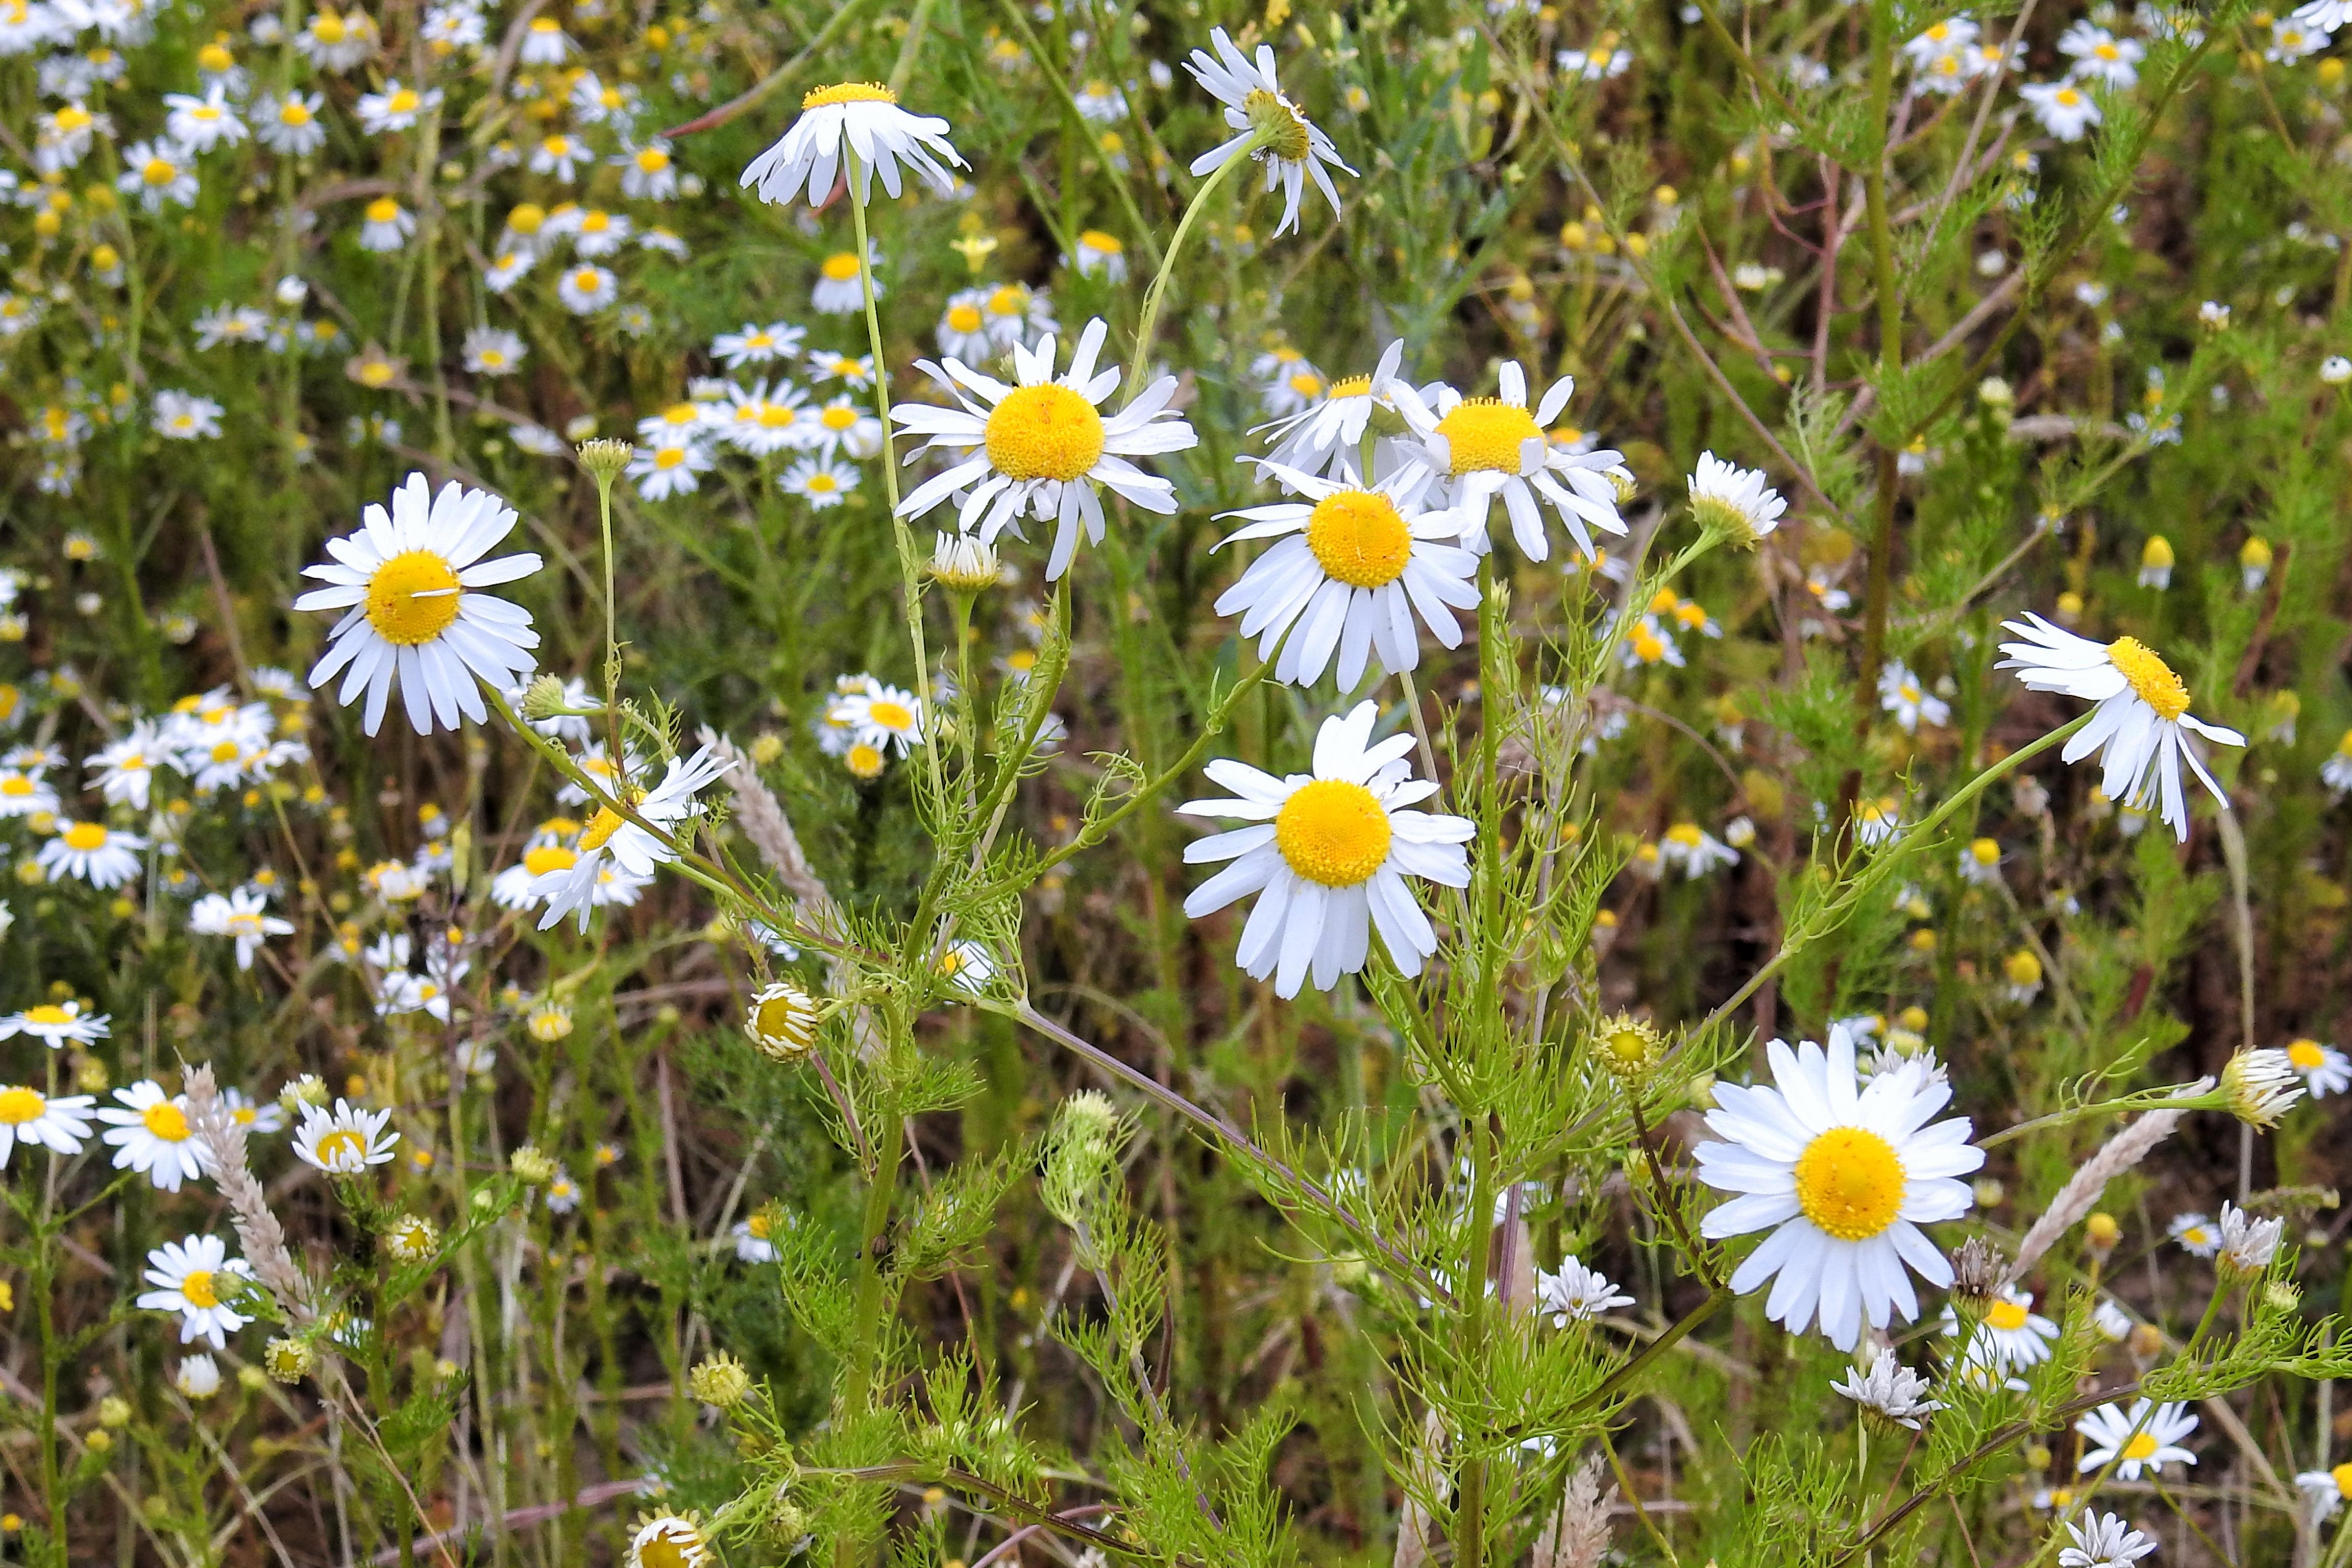 Gambar Menanam Bidang Padang Rumput Bunga Aster Herba Botani Flora Bunga Liar Pinggir Jalan Kamomil Tanaman Obat Tanaman Berbunga Keluarga Daisy Jamu Pinggir Lapangan Mata Lembu Daisy Bunga Chamomile Tanaman Tanah